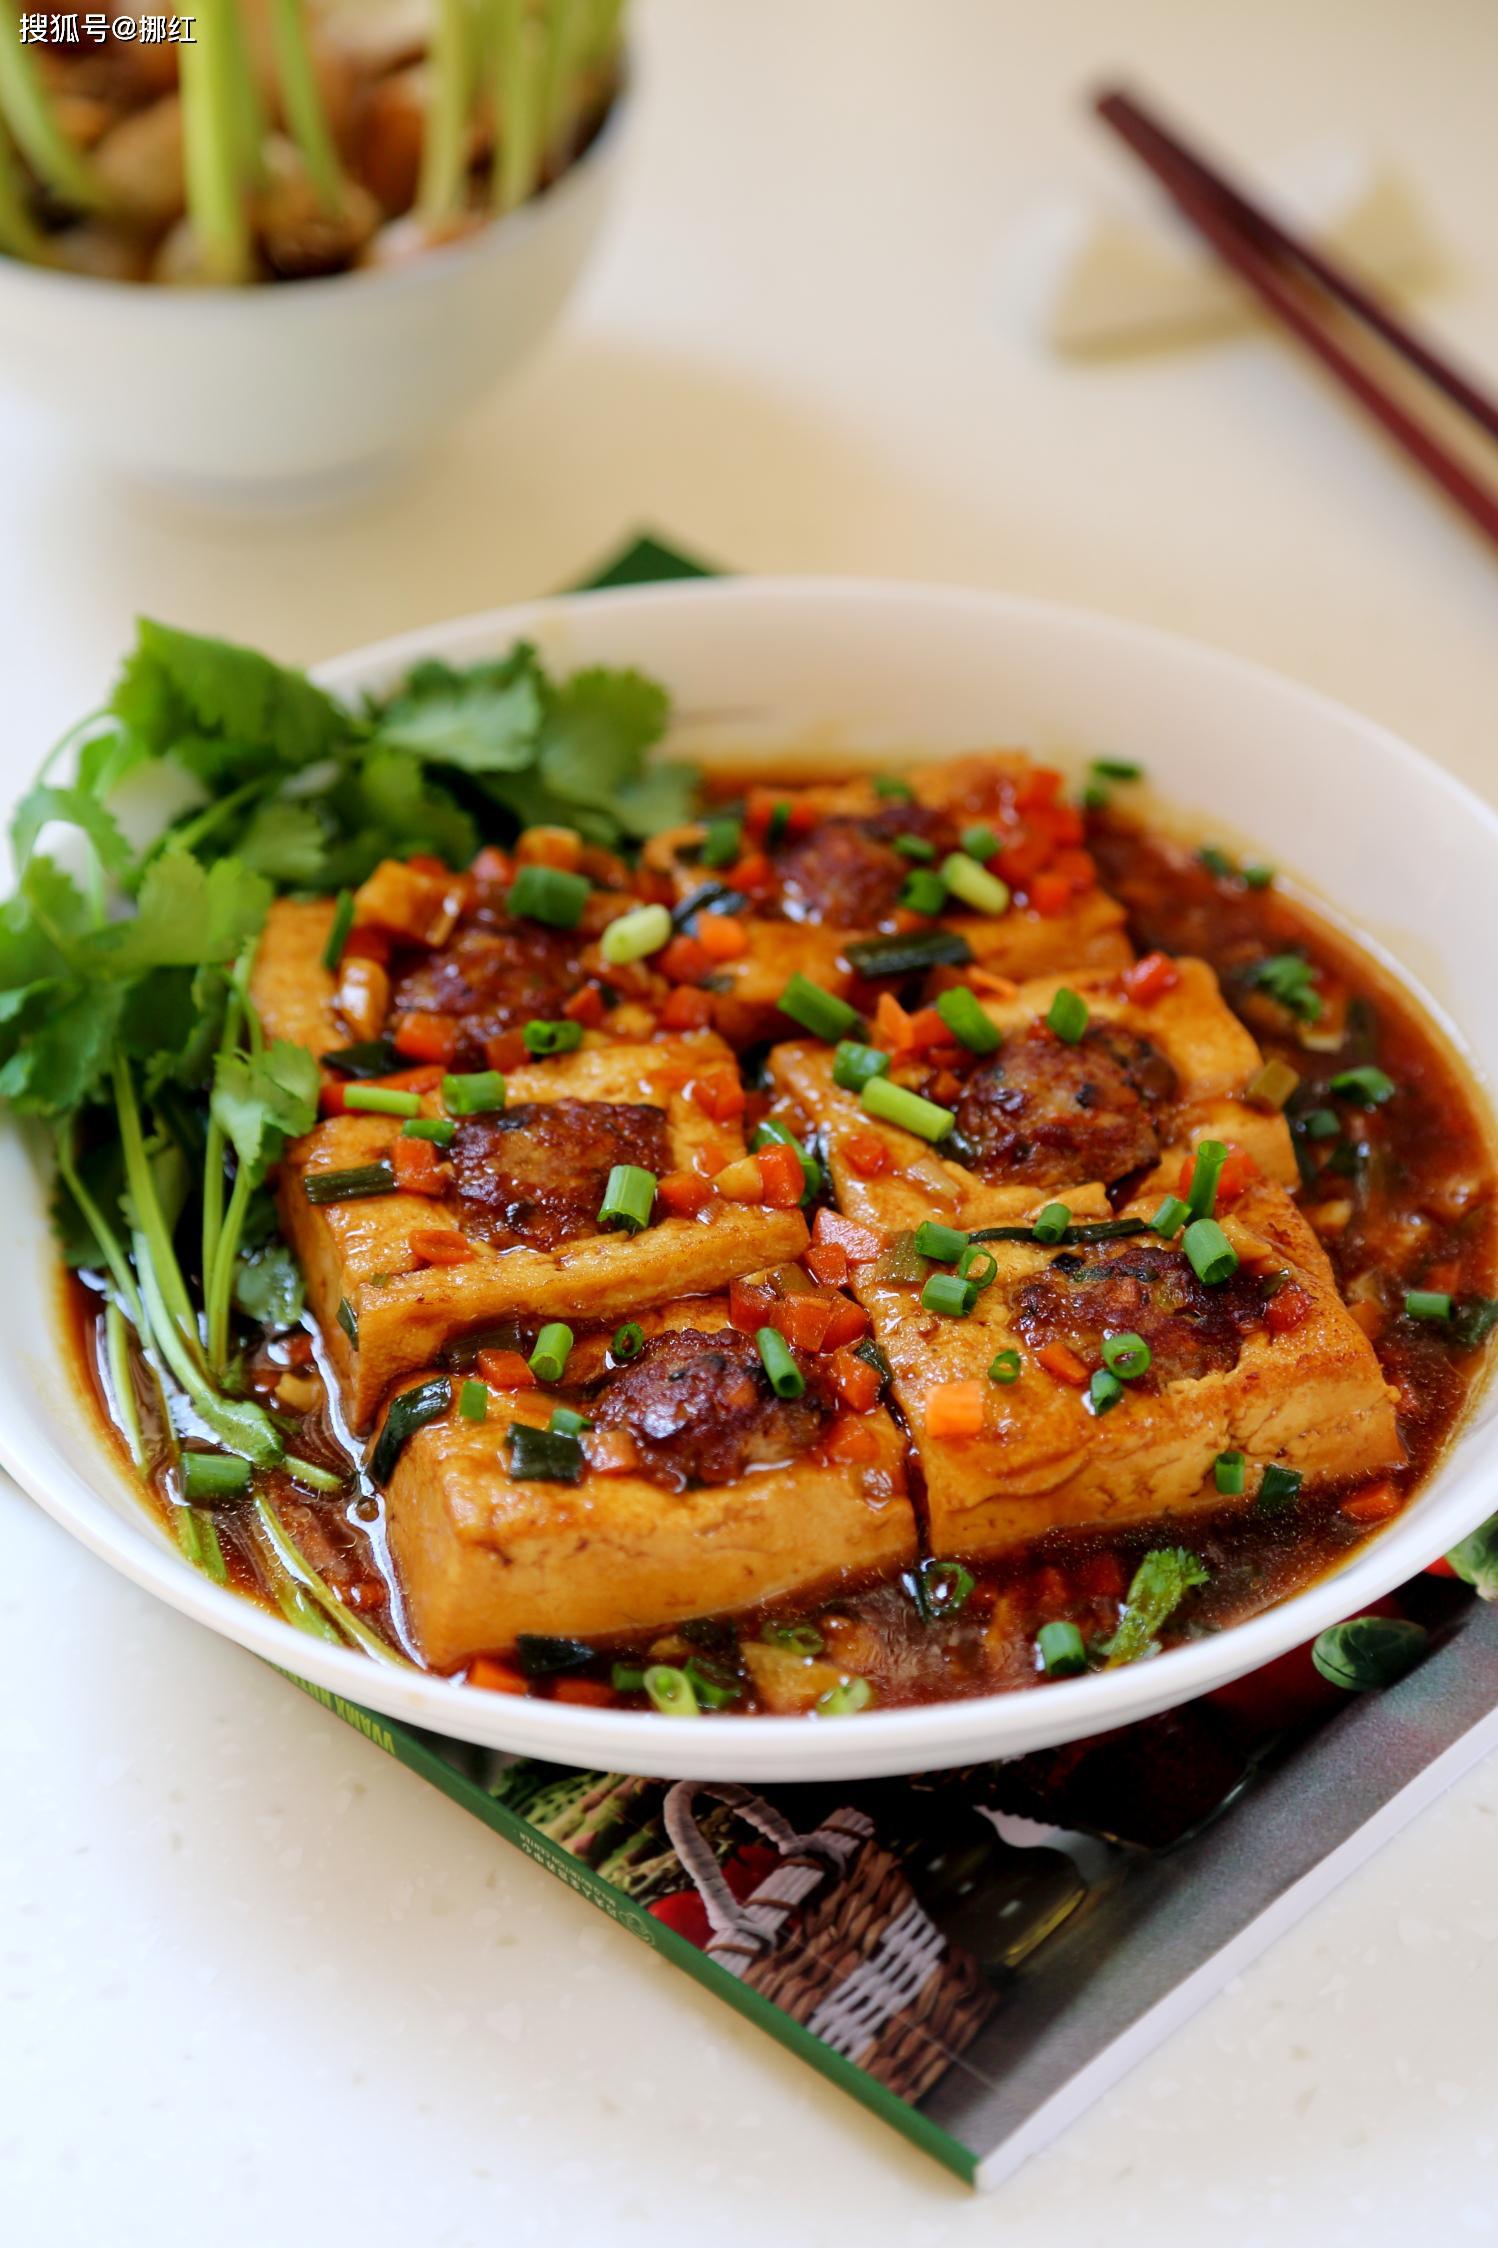 黄焖豆腐泡图片